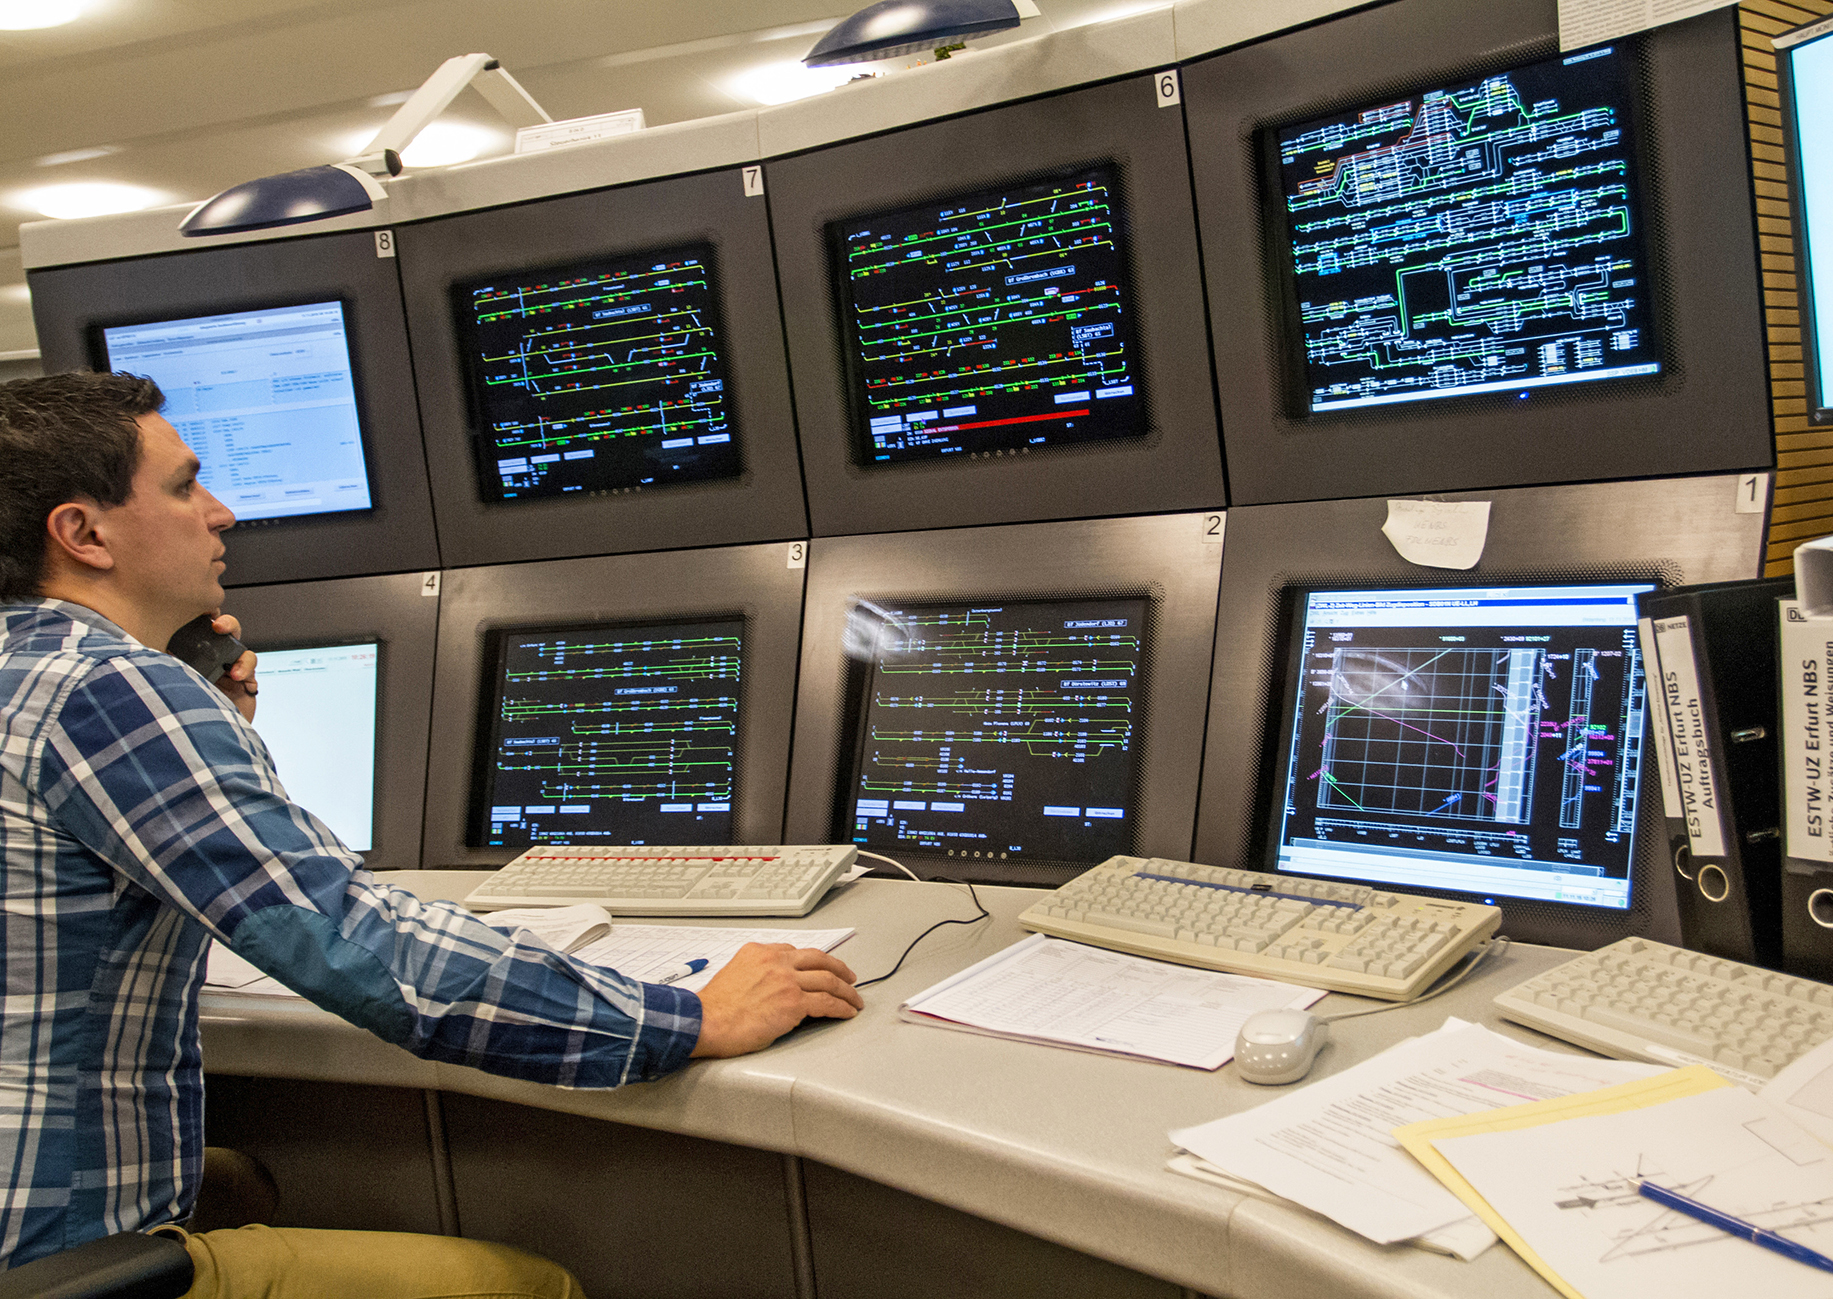 Jeweils vier Bildschirme übereinander mit Mitarbeiter davor